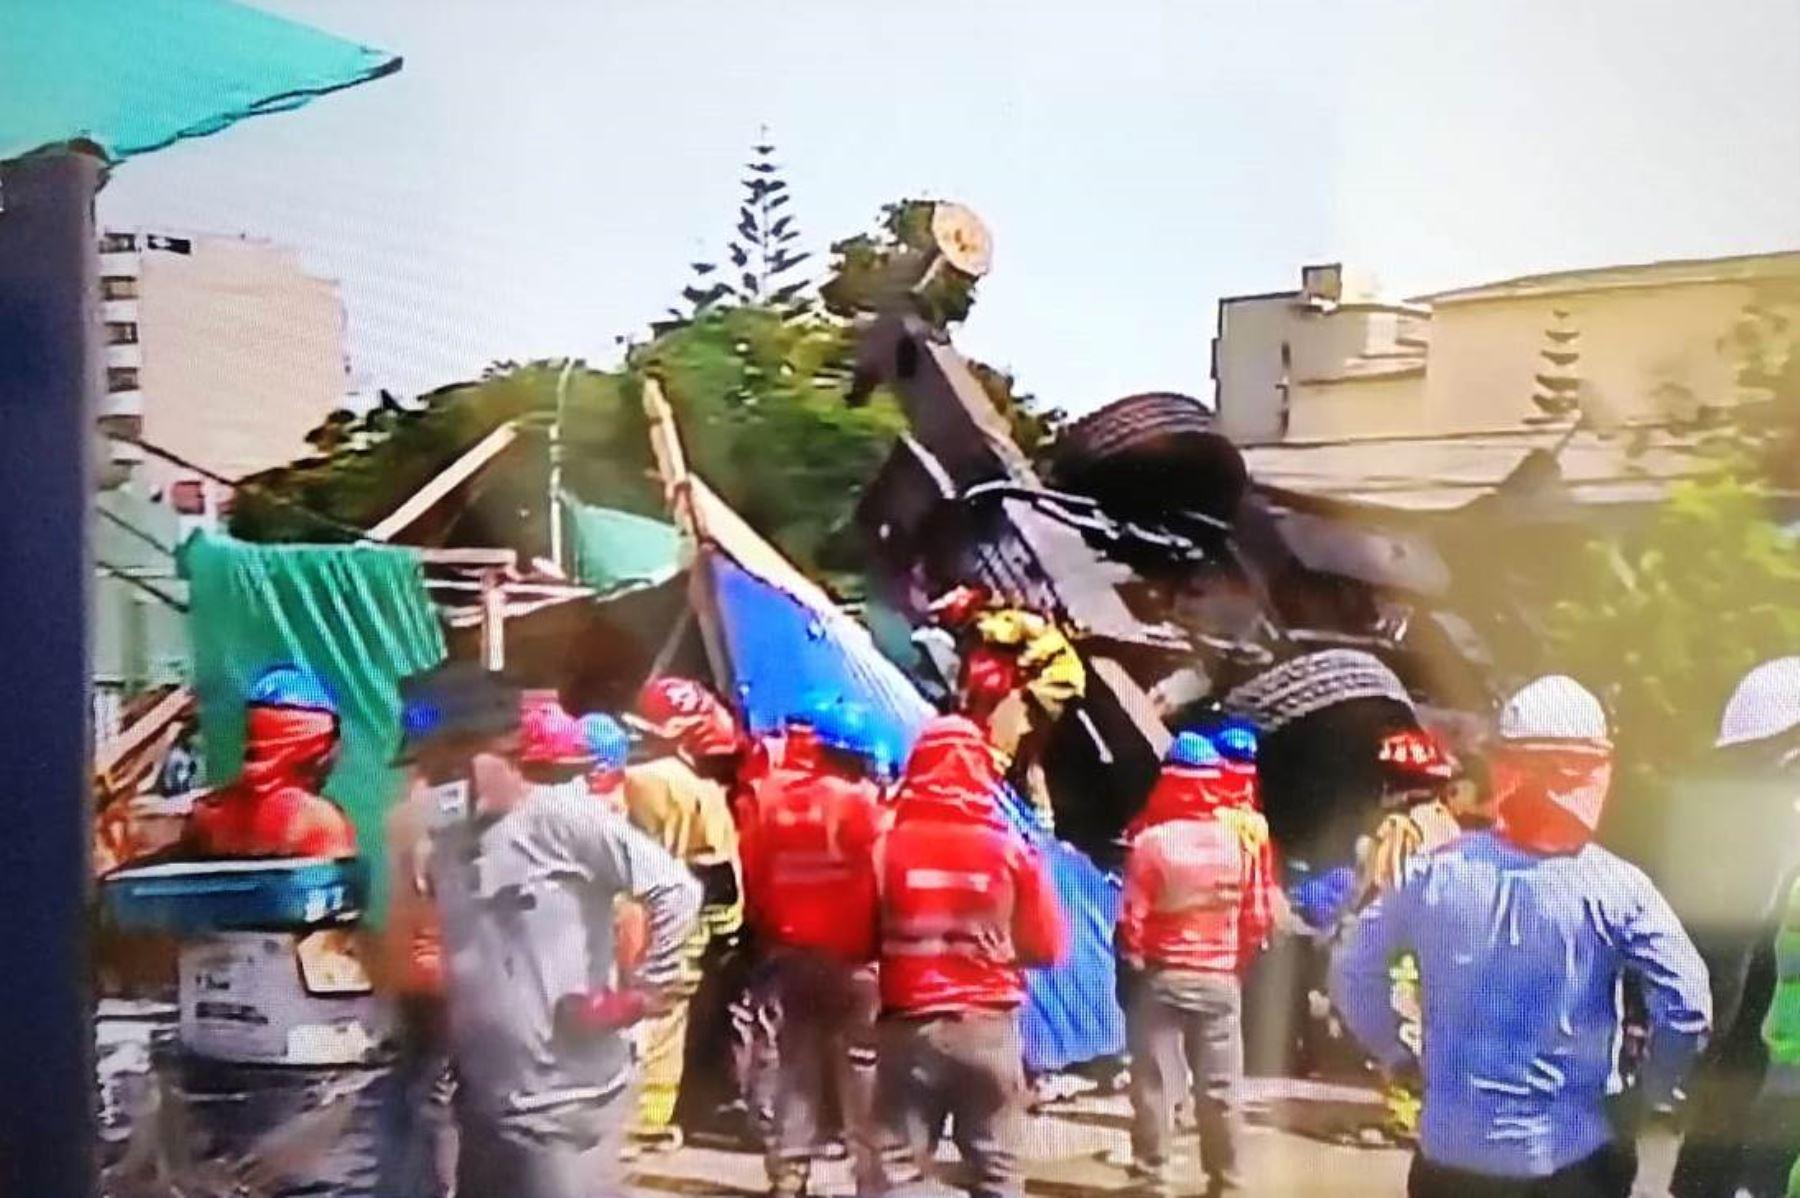 San Isidro: 3 obreros heridos y 2 atrapados por volcadura de grúa en obra de construcción. Captura TV